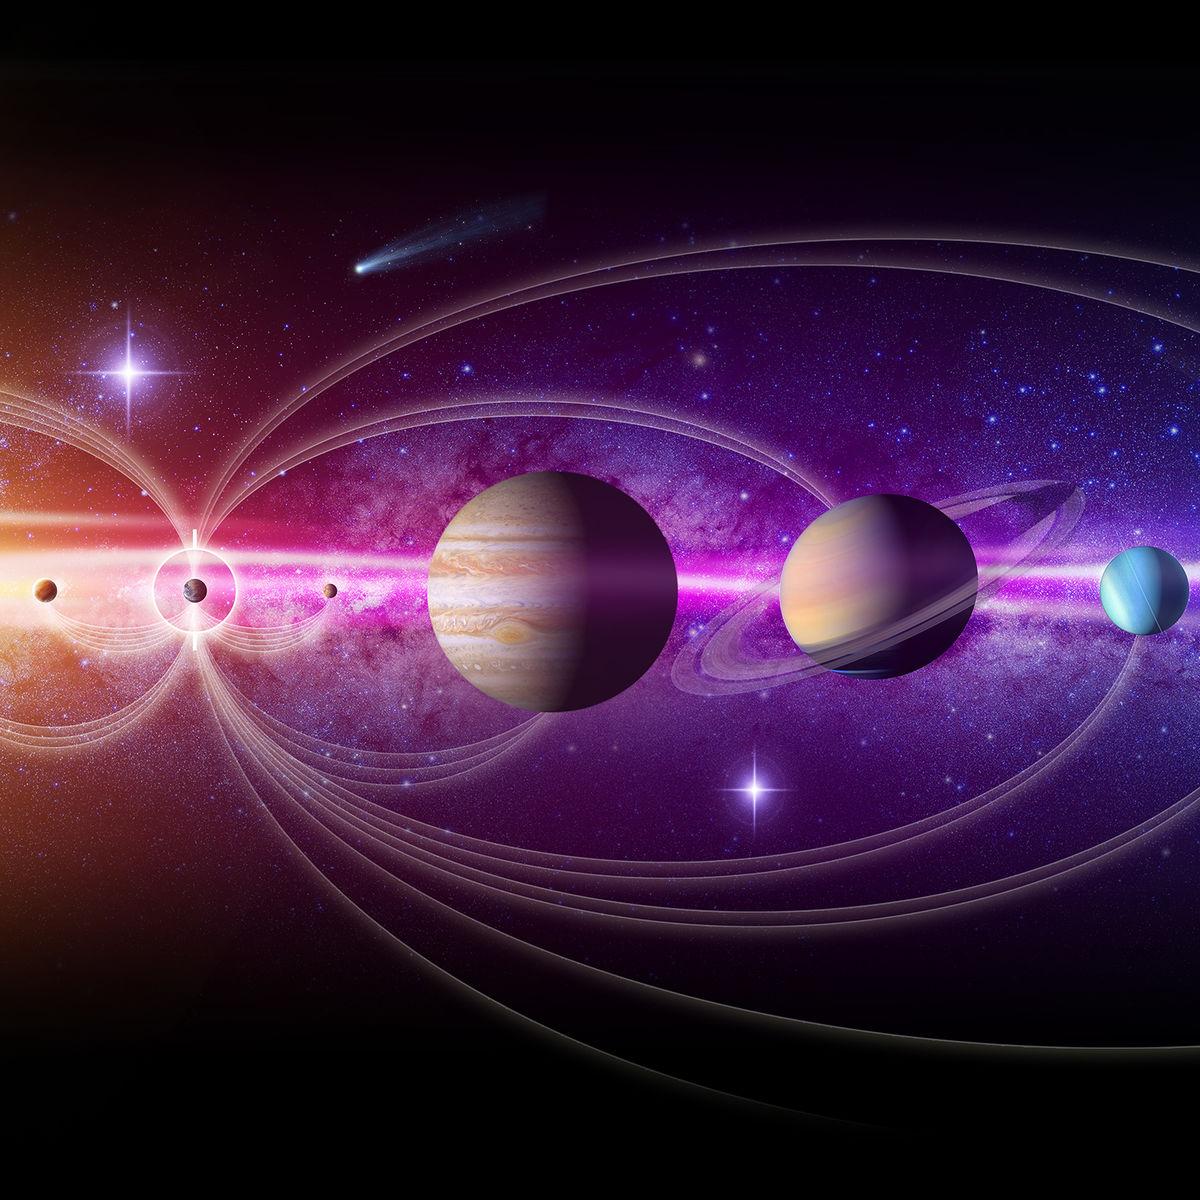 solarsystem_nasa.jpg